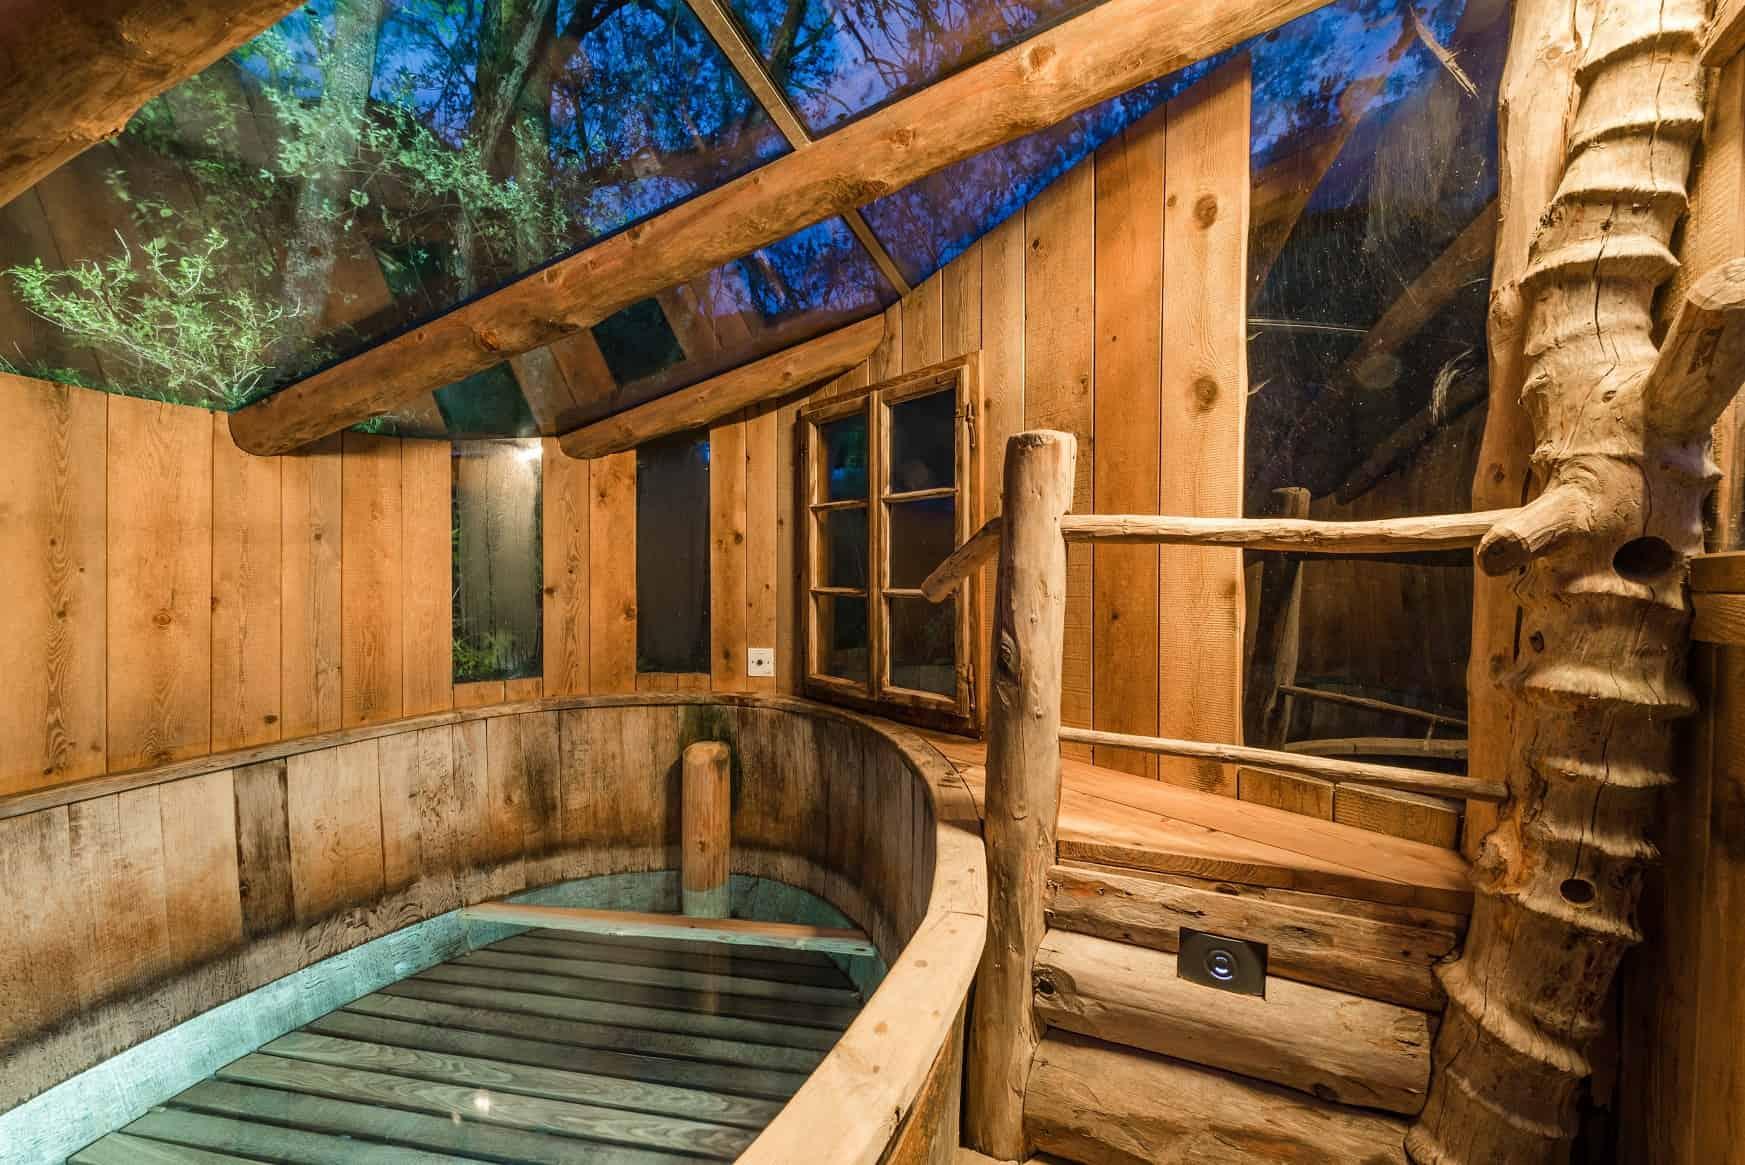 Der Solepavillon mit Glasdach im Freien rundet das Spa-Erlebnis ab